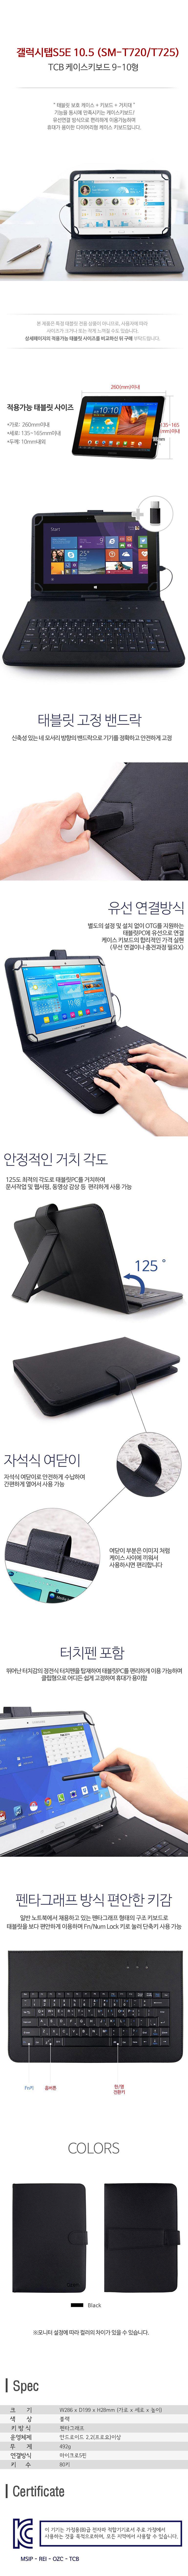 갤럭시탭S5E 10.5 TCB 태블릿PC 케이스키보드 - 오젬, 17,900원, 케이스, 기타 갤럭시 제품